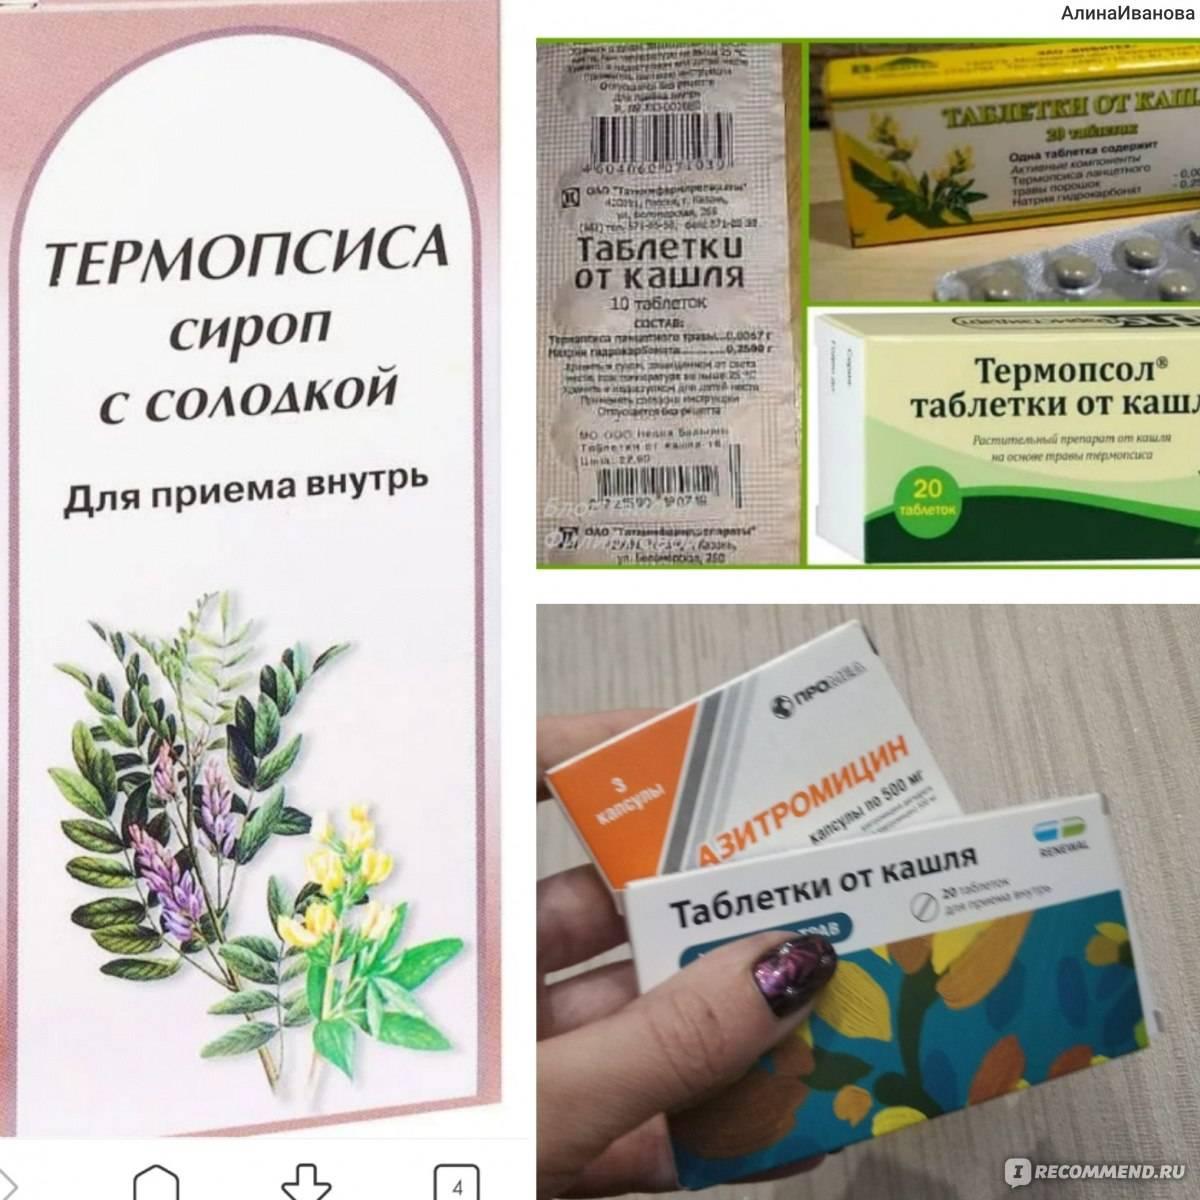 Эффективные лекарства от простуды: лечим орви и орз